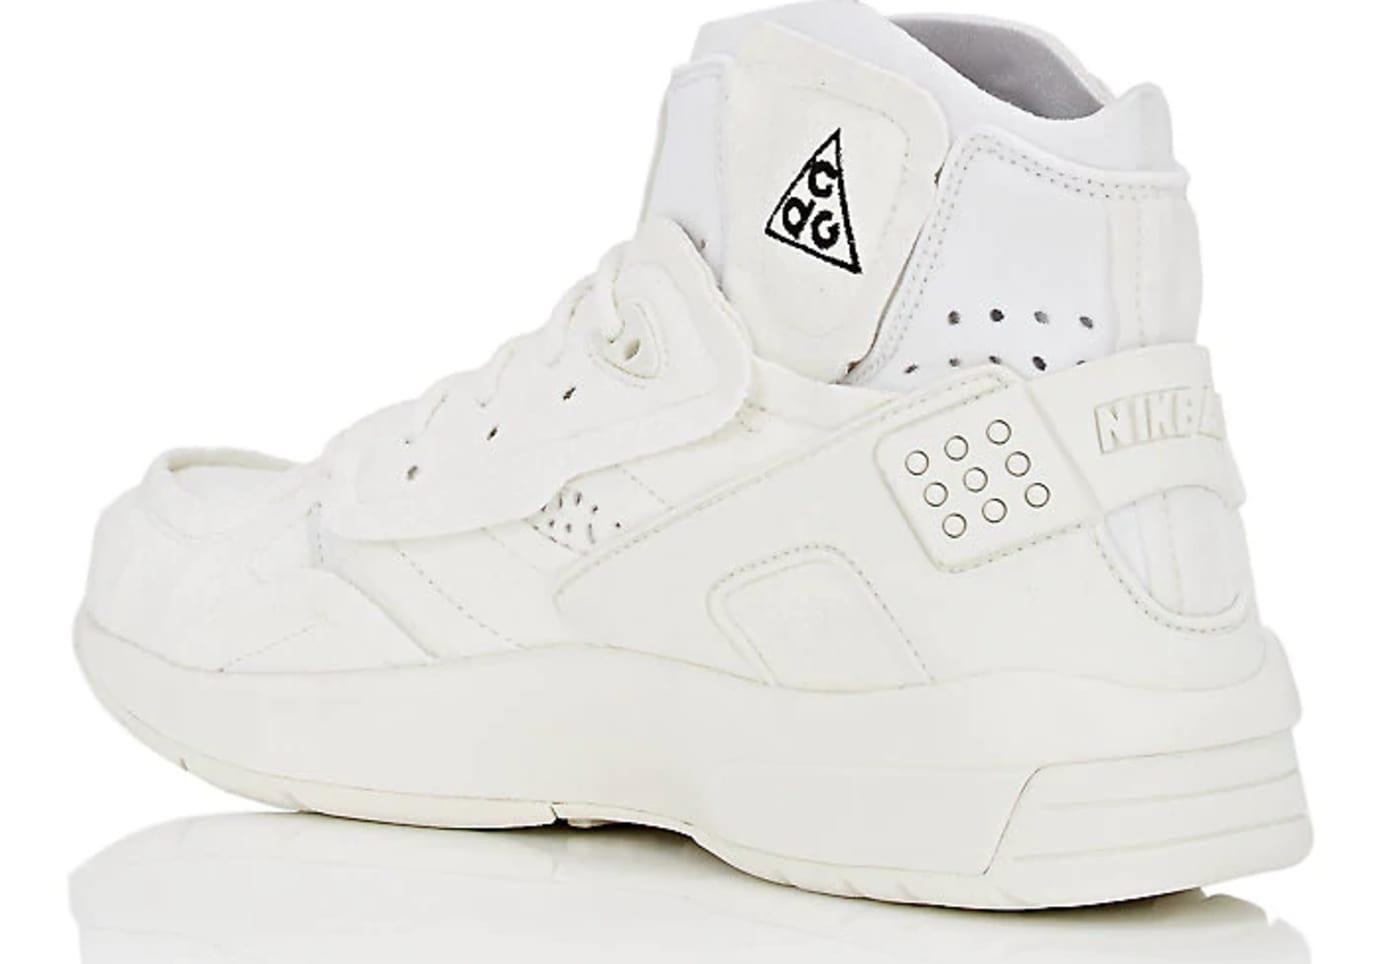 Comme des Garçons x Nike Air Mowabb (Heel)